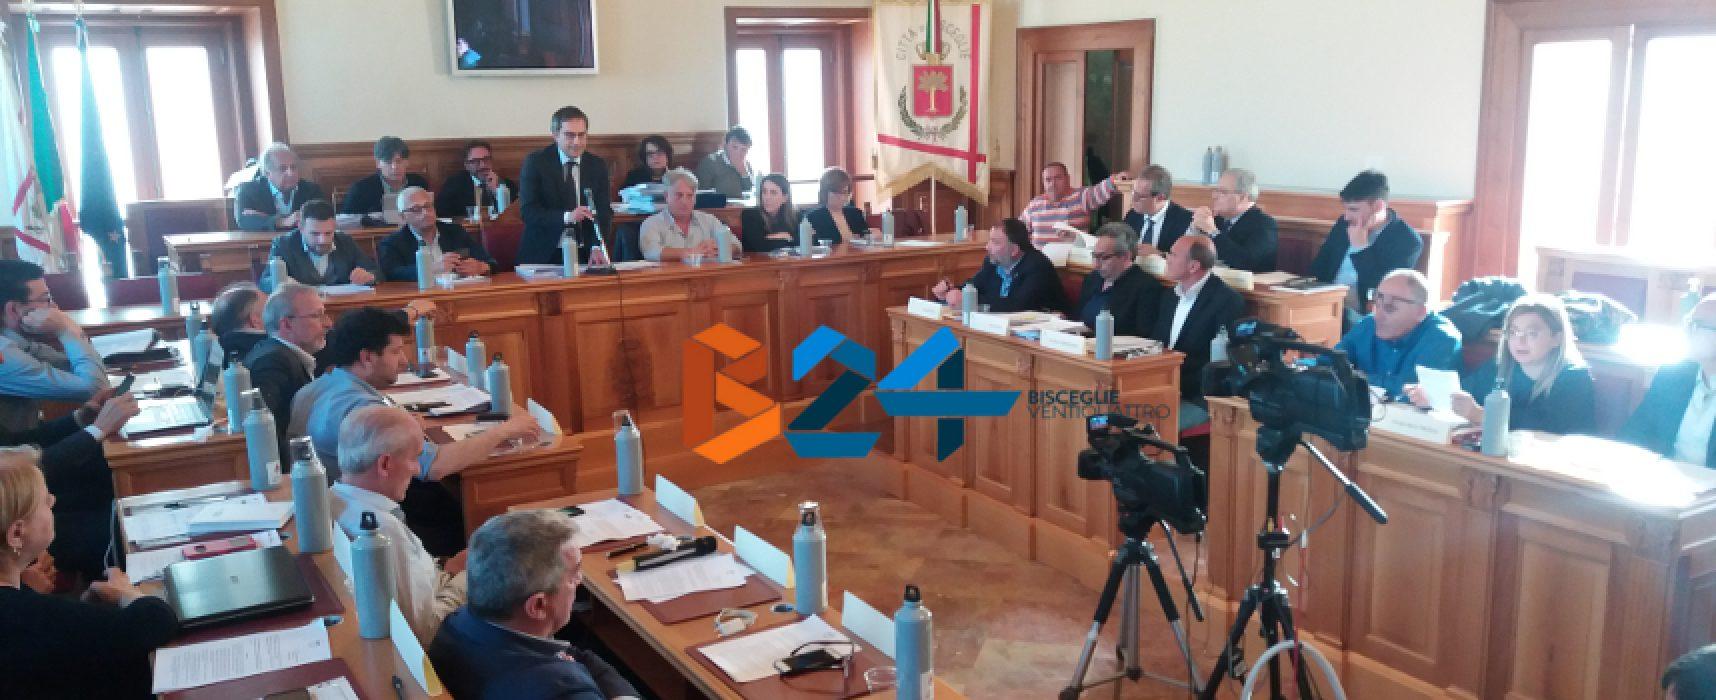 Consiglio comunale rinviato per mancanza di numero legale dopo quattro ore di discussione